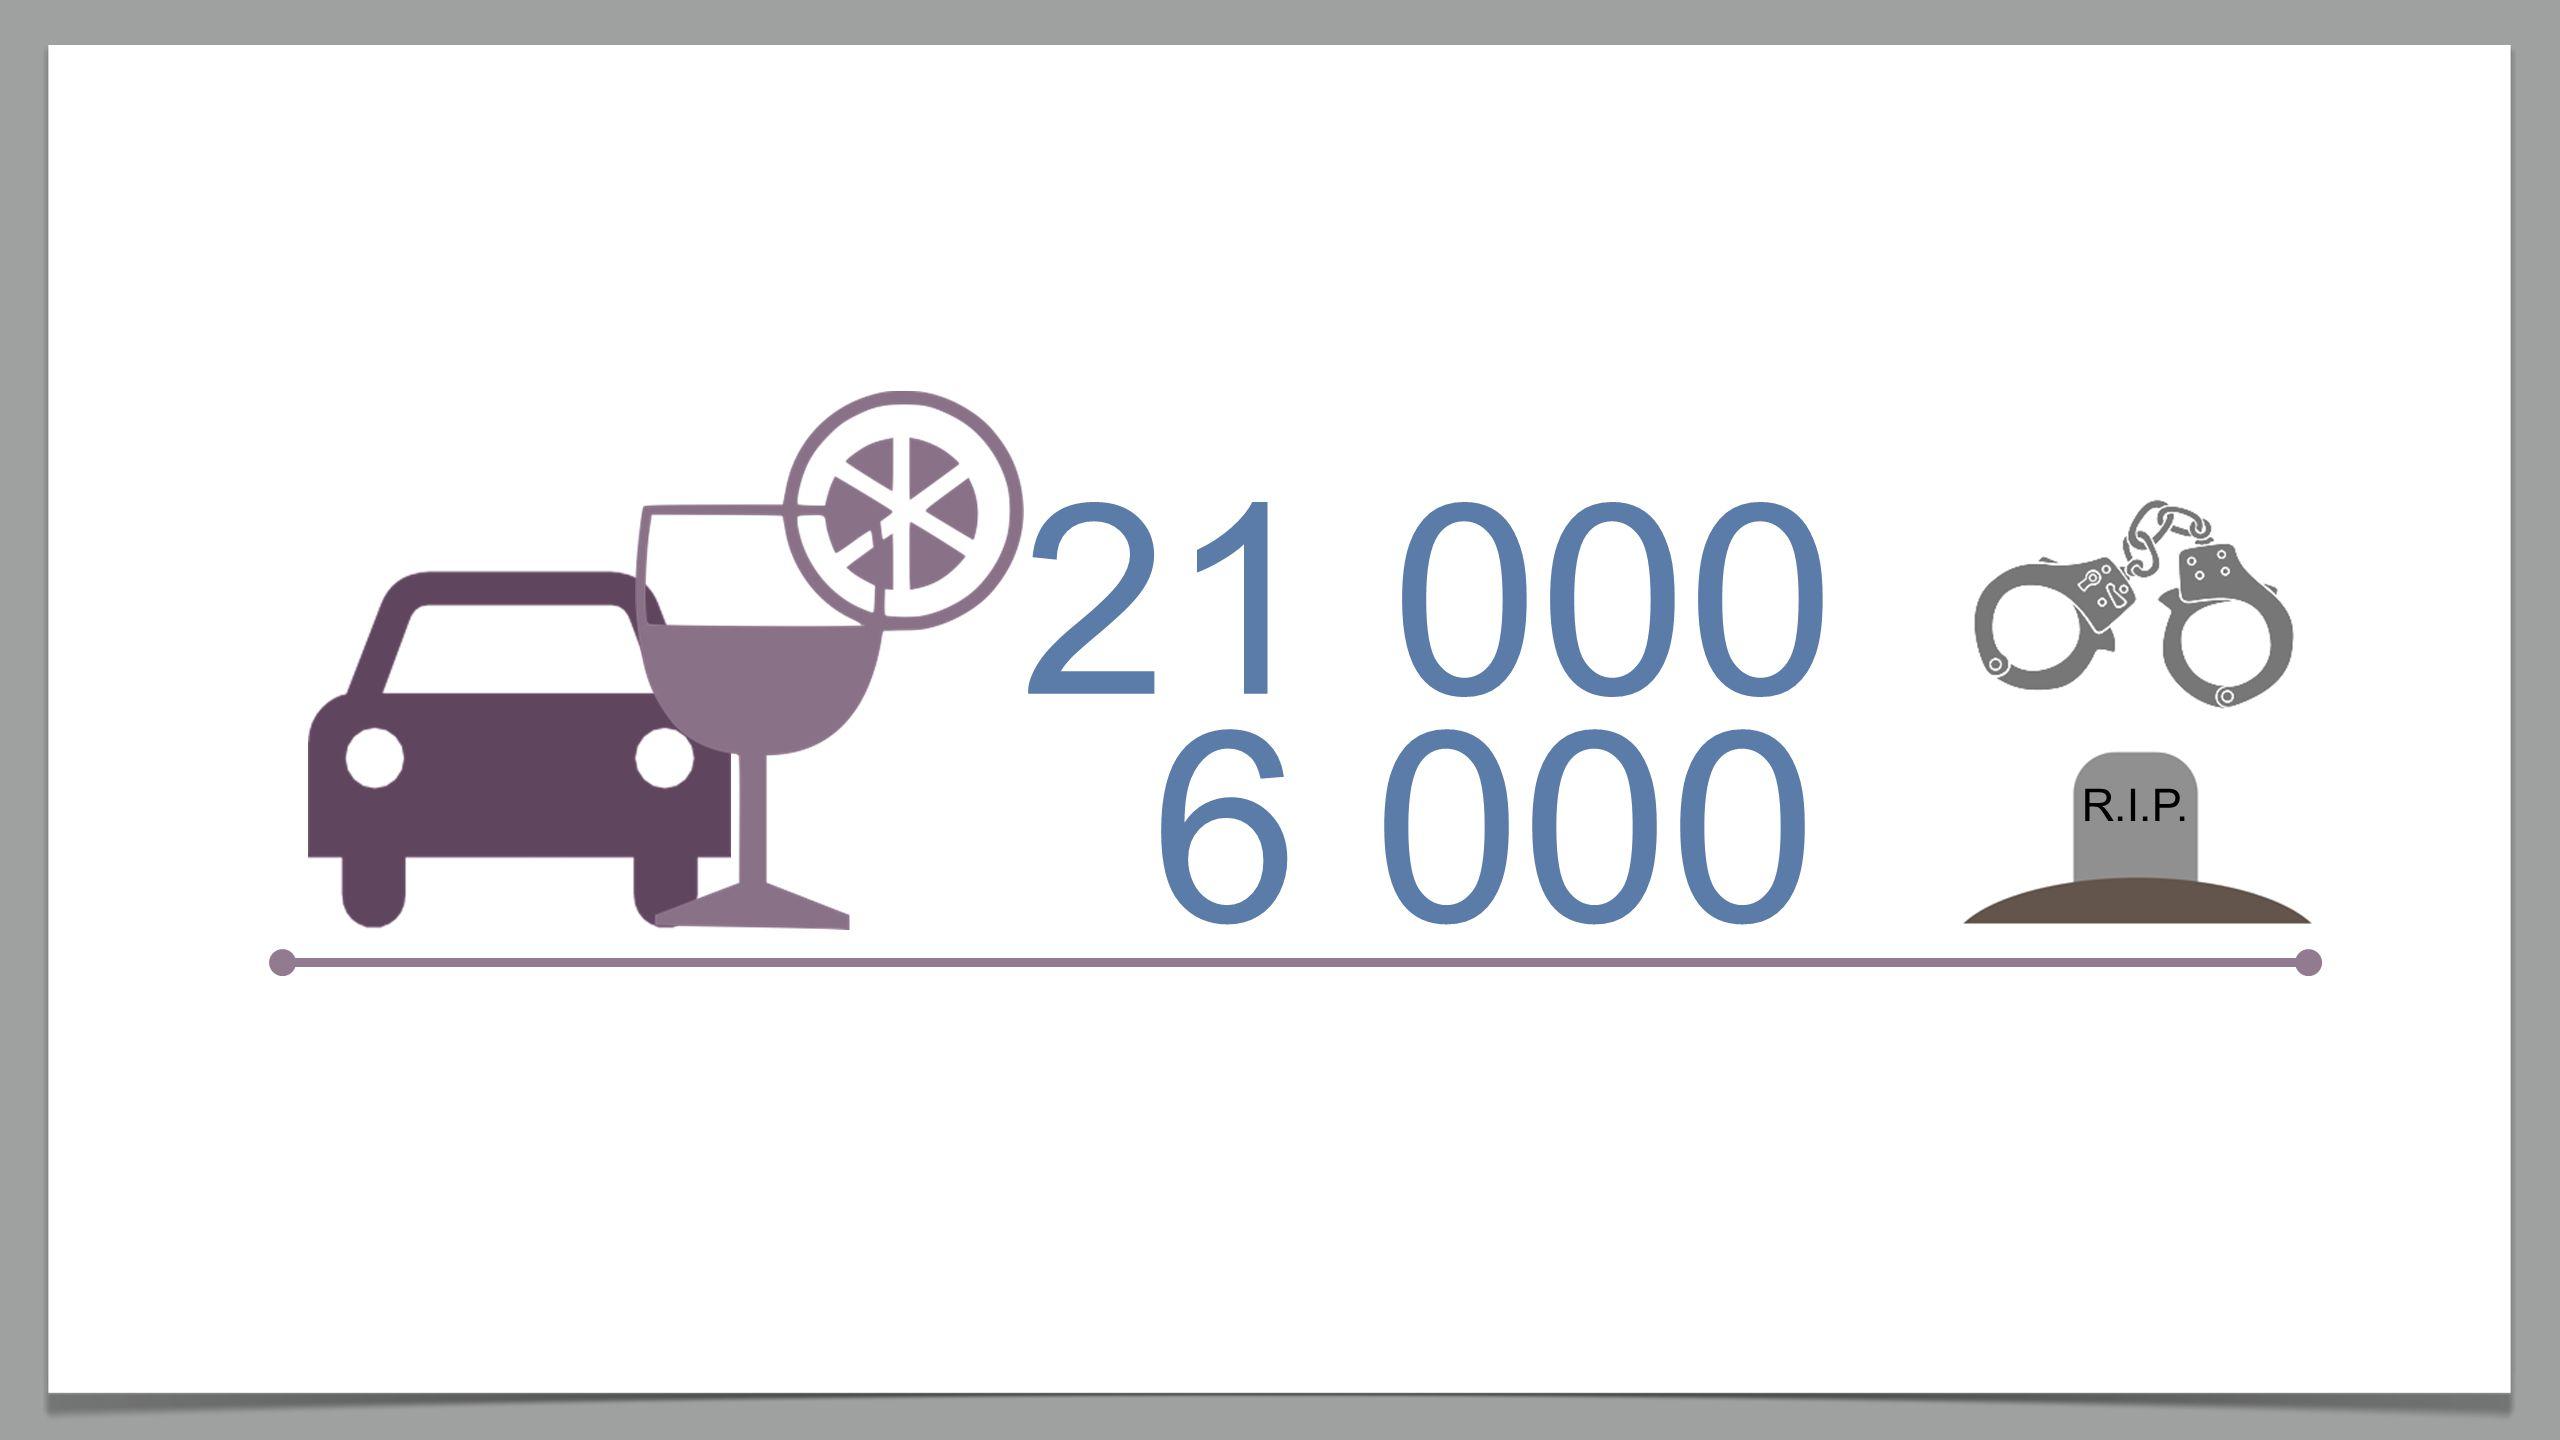 21 000 6 000 R.I.P.